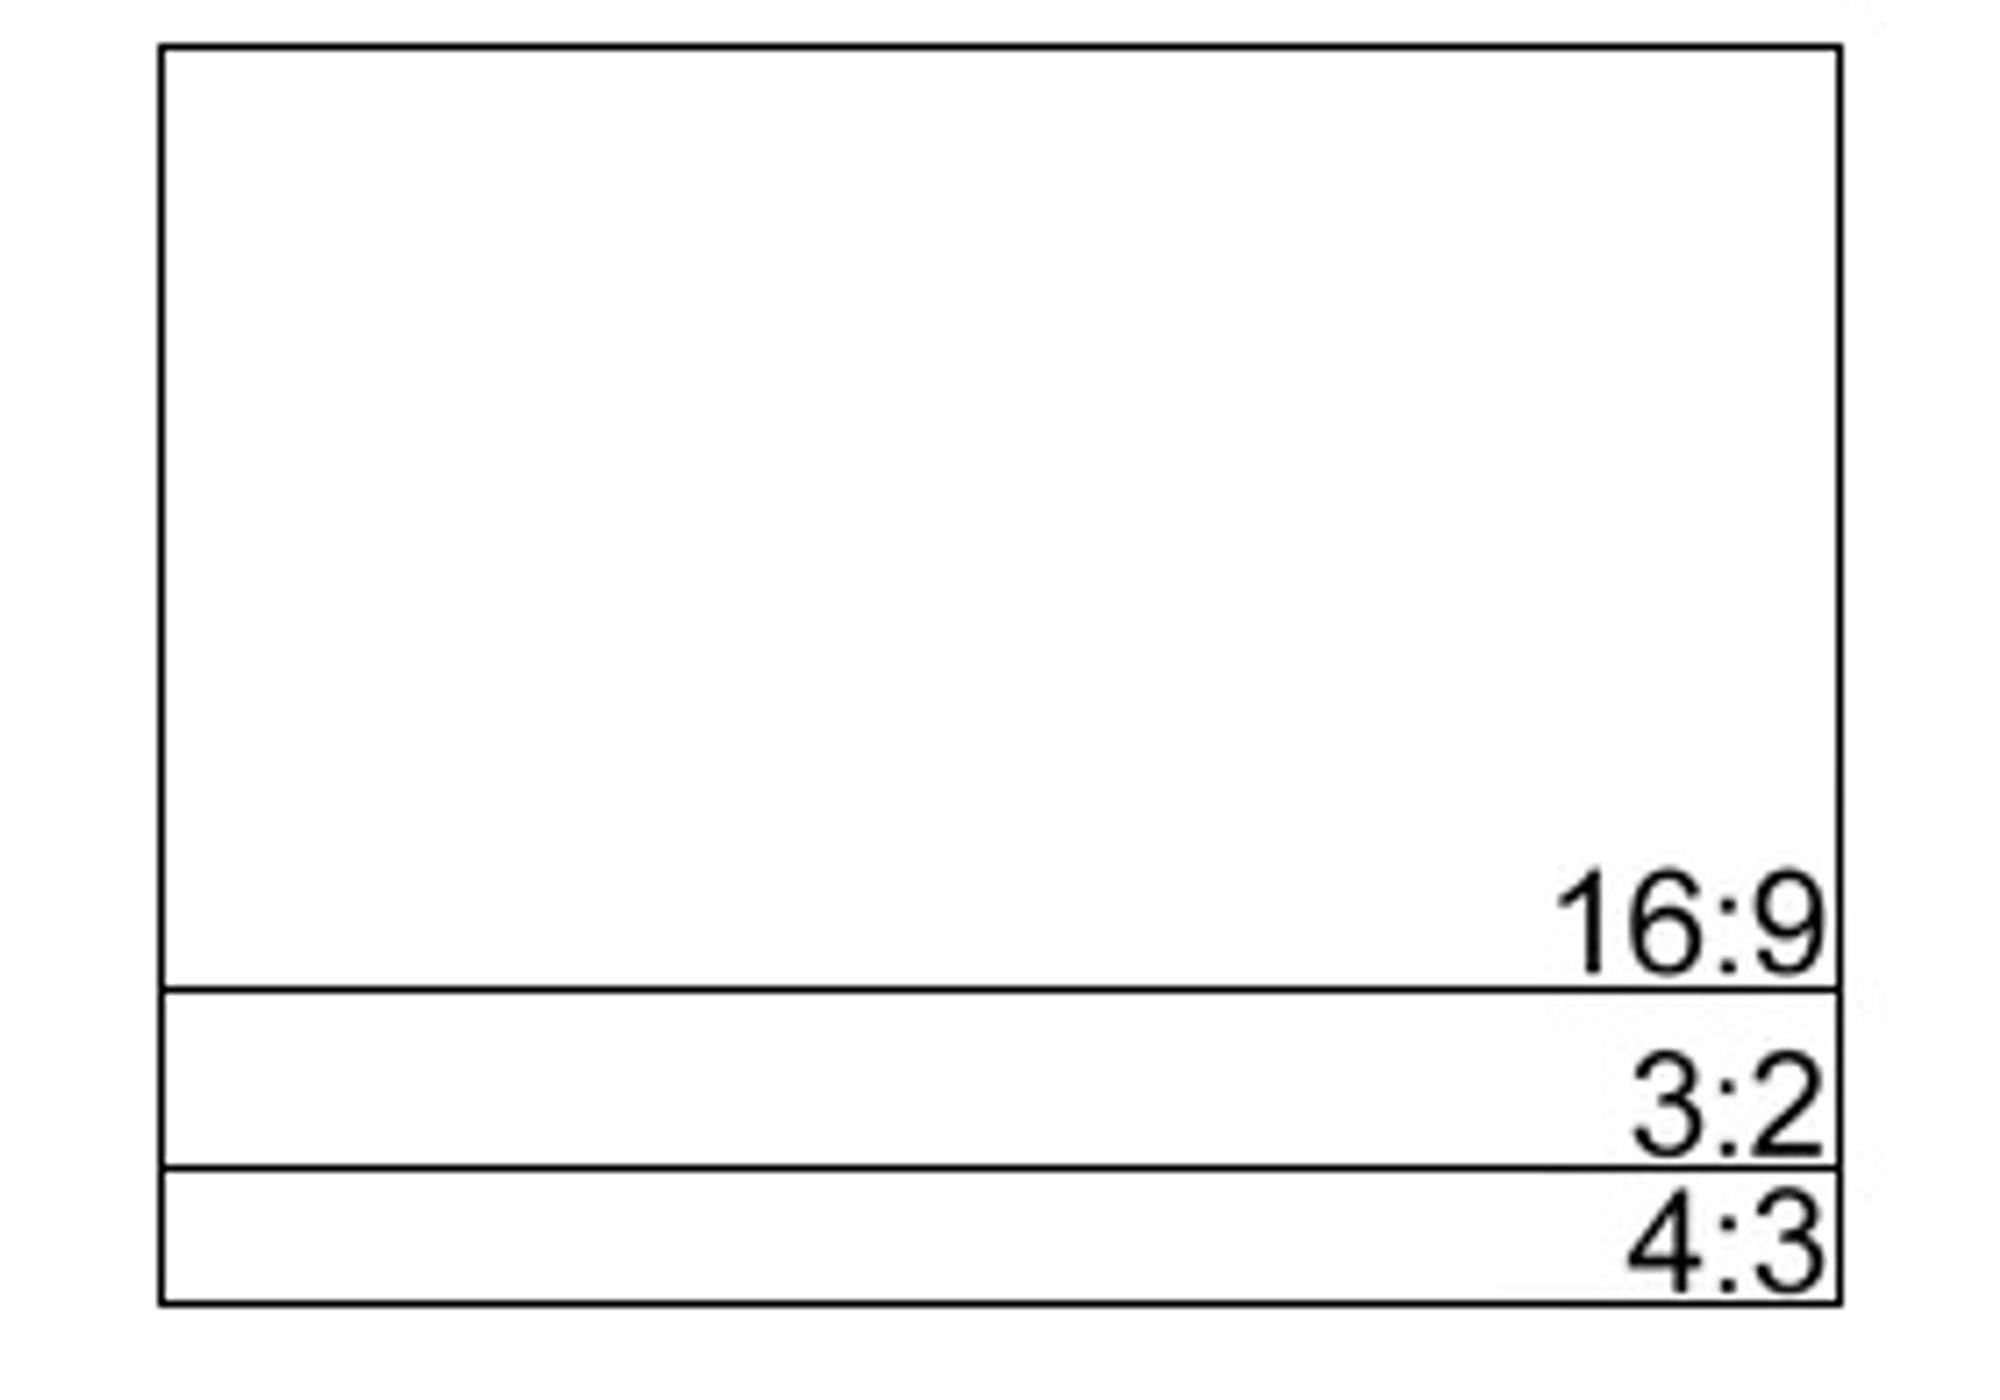 Sammenlikning mellom 16:9, 3:2 og 4:3-format.